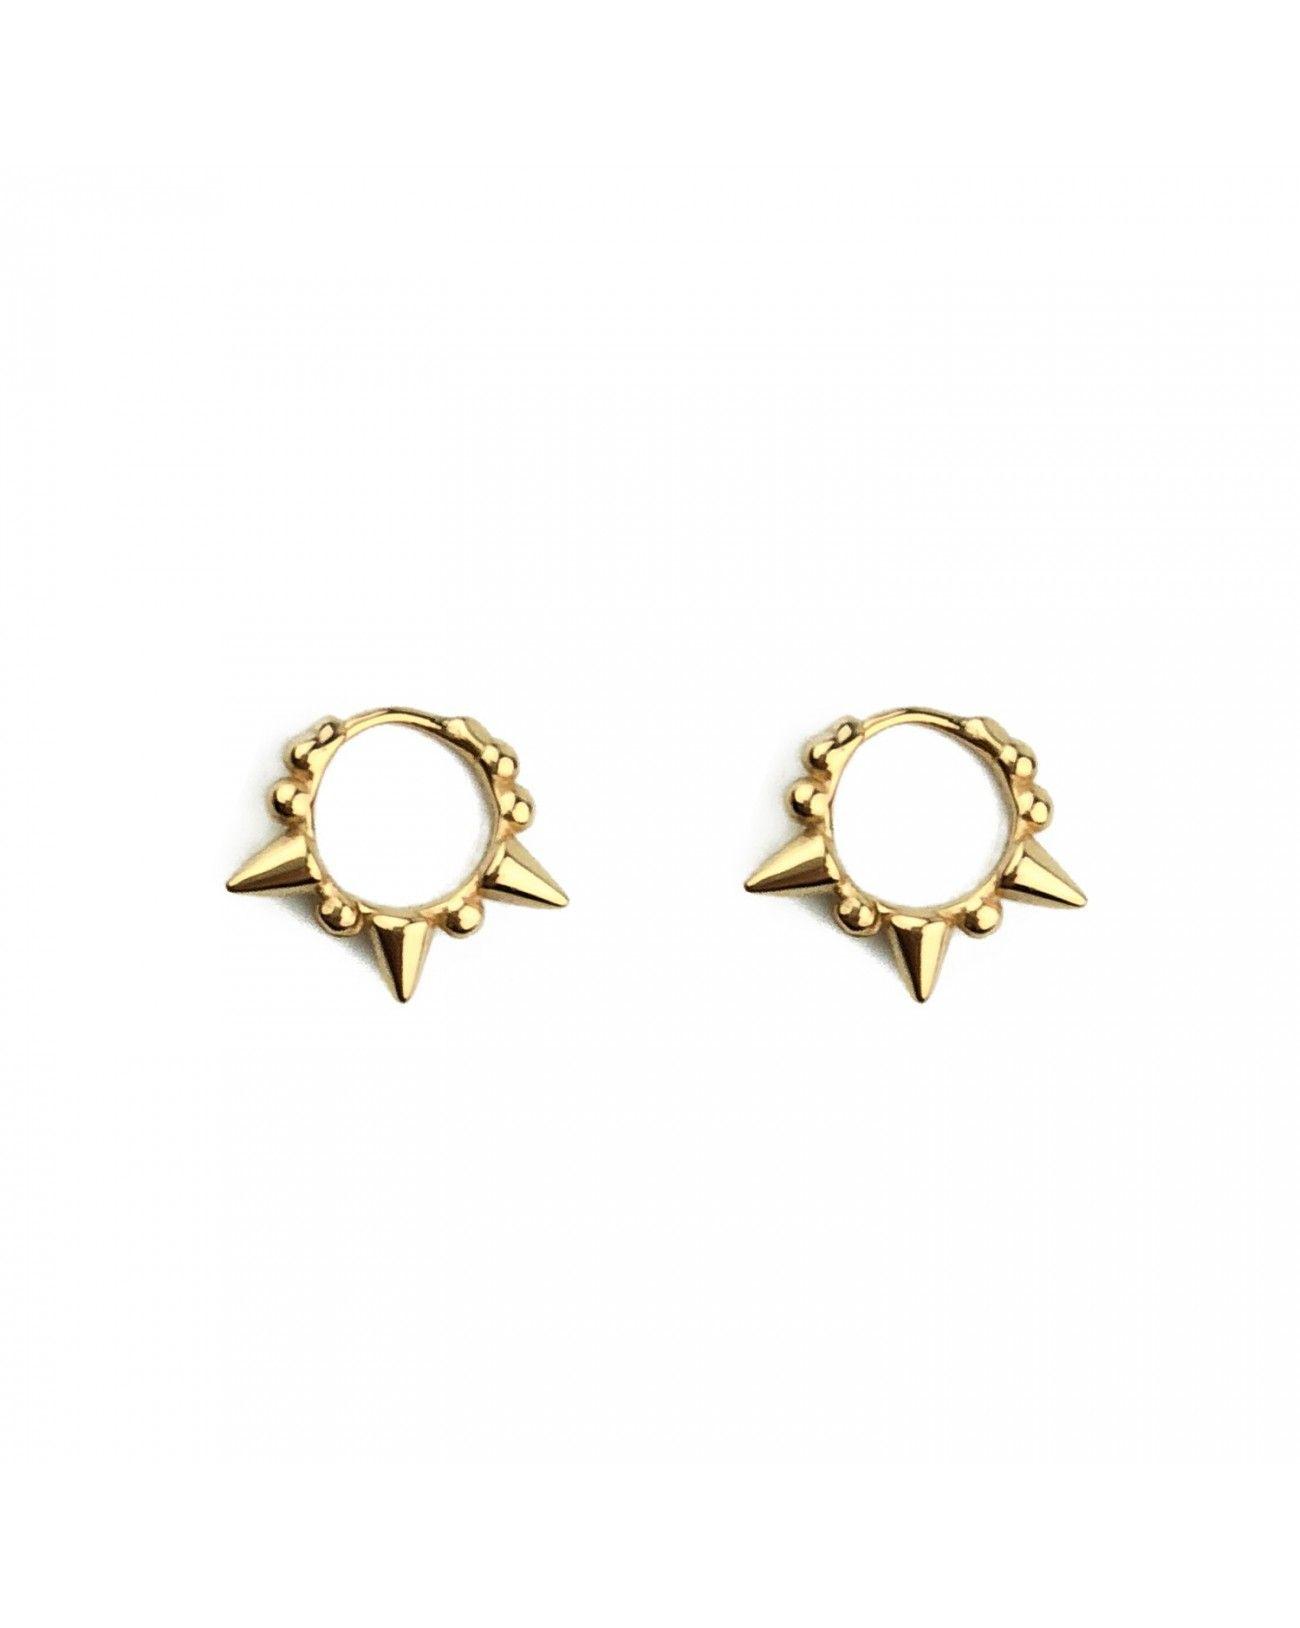 623b7864686e PAIGE GOLD son unos pendientes de aro con pequeños pinchos y bolas hecho en  plata de